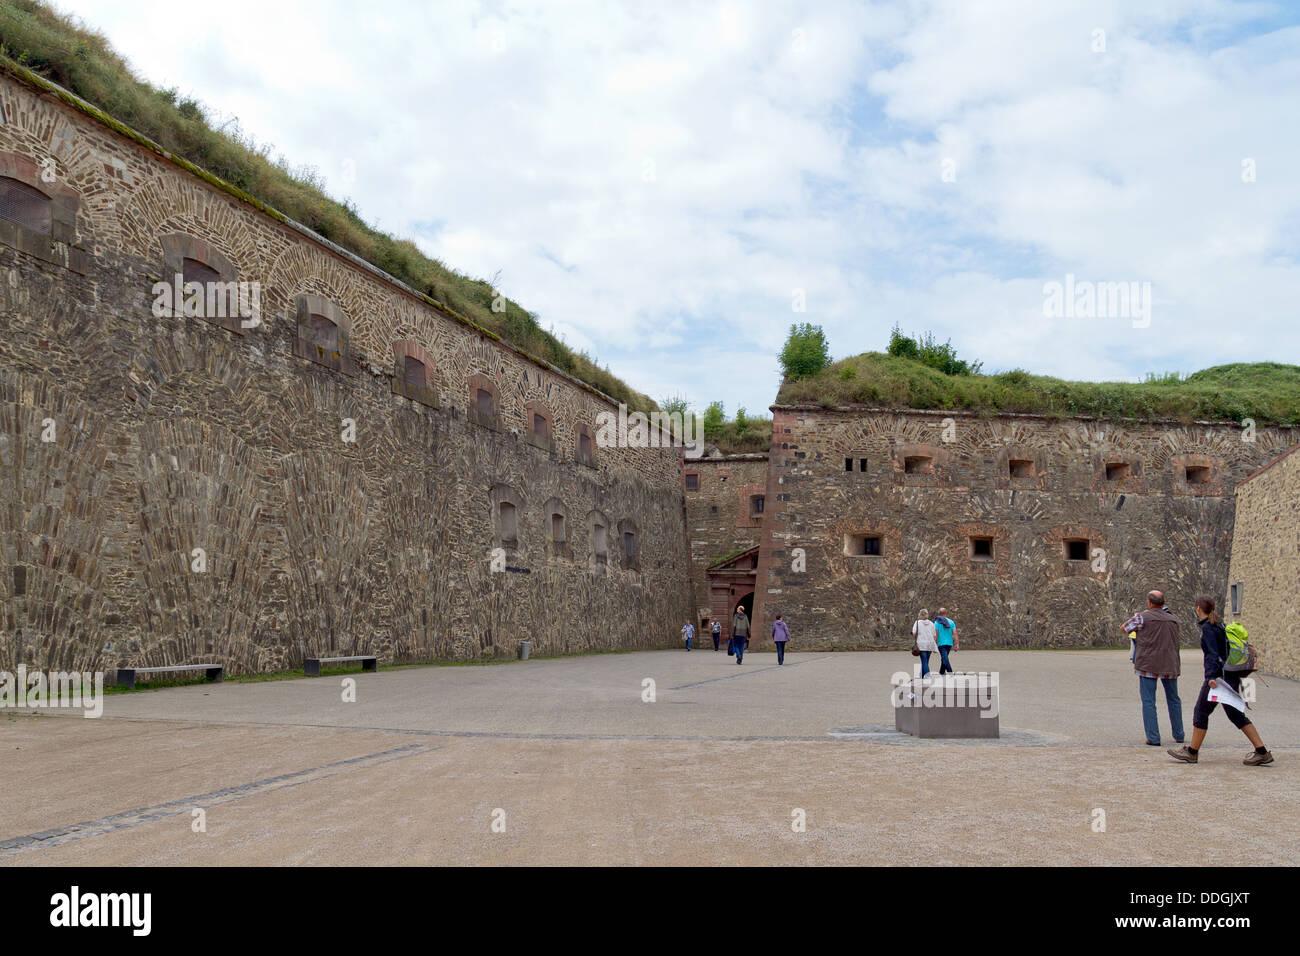 Festung Ehrenbreitstein in Koblenz, Deutschland Stockbild